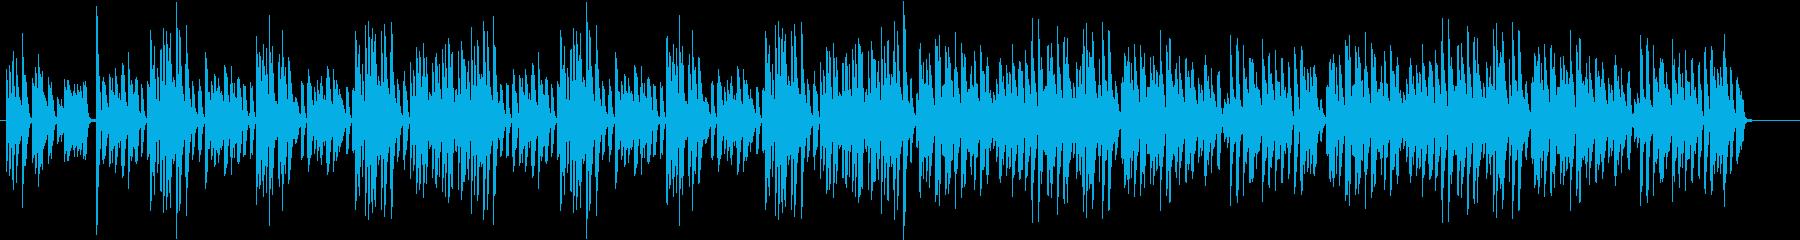 楽しい明るいピアノ曲BGMの再生済みの波形